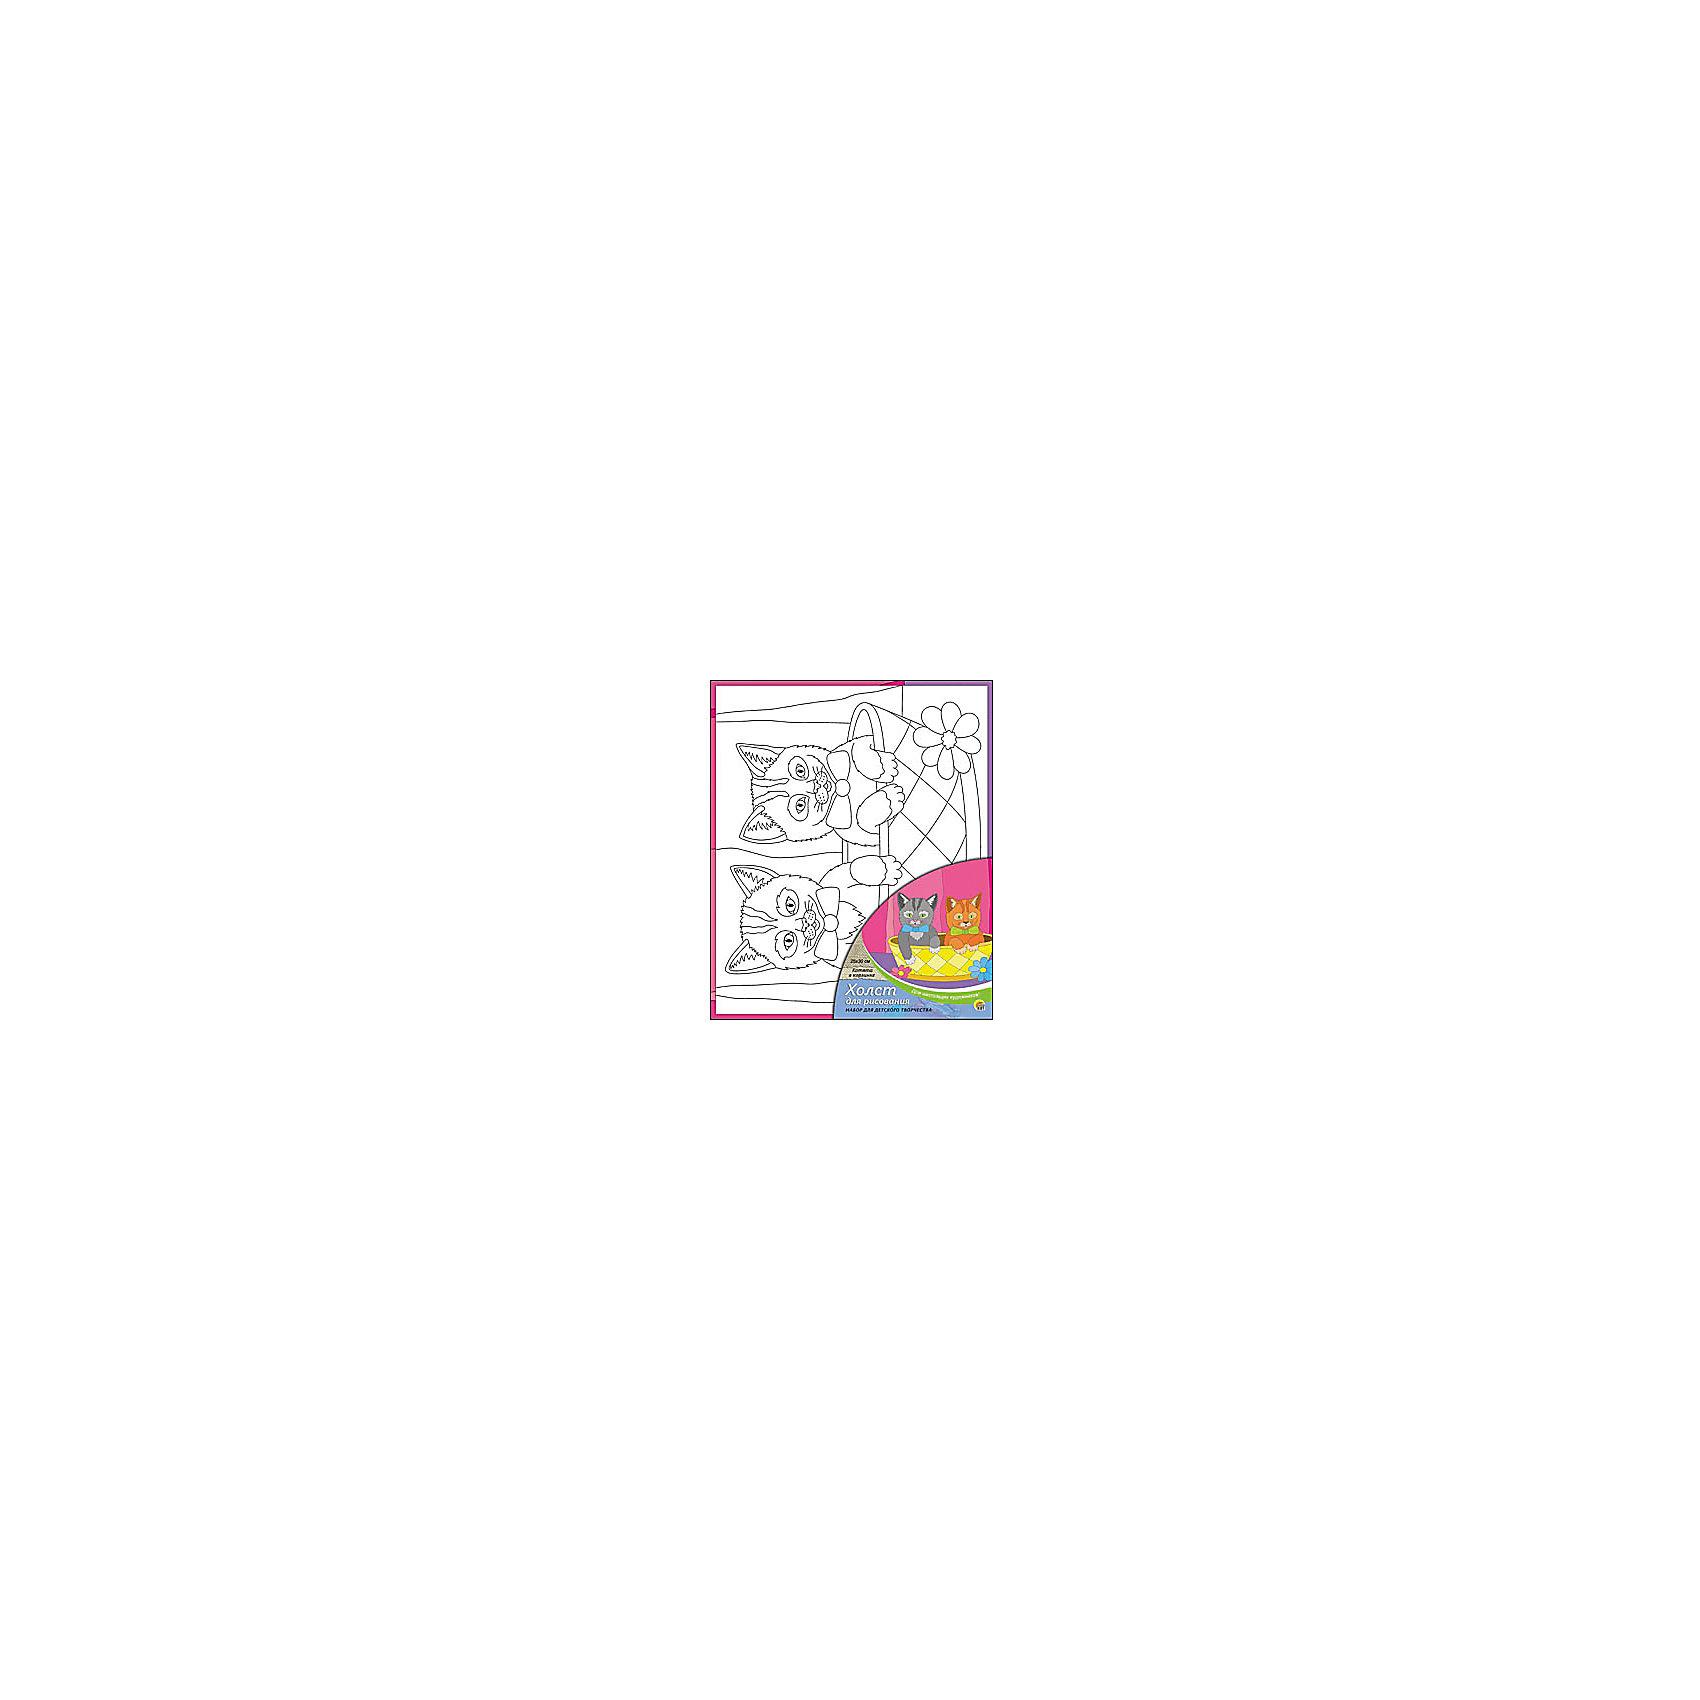 Холст с красками Котята в корзине, 25х30 смРисование<br>Холст с красками Котята в корзине поможет ребенку провести время с пользой и развить художественные навыки. Яркими красками он с удовольствием раскрасит эскиз на холсте и с гордостью сможет похвастаться родителям и друзьям!<br><br>Дополнительная информация:<br>В наборе: холст-эскиз, 7 акриловых красок, кисточка<br>Размер: 25х1,5х30 см<br>Вес: 250 грамм<br>Вы можете приобрести холст с красками Котята в корзине в нашем интернет-магазине.<br><br>Ширина мм: 300<br>Глубина мм: 15<br>Высота мм: 250<br>Вес г: 250<br>Возраст от месяцев: 36<br>Возраст до месяцев: 120<br>Пол: Унисекс<br>Возраст: Детский<br>SKU: 4939538